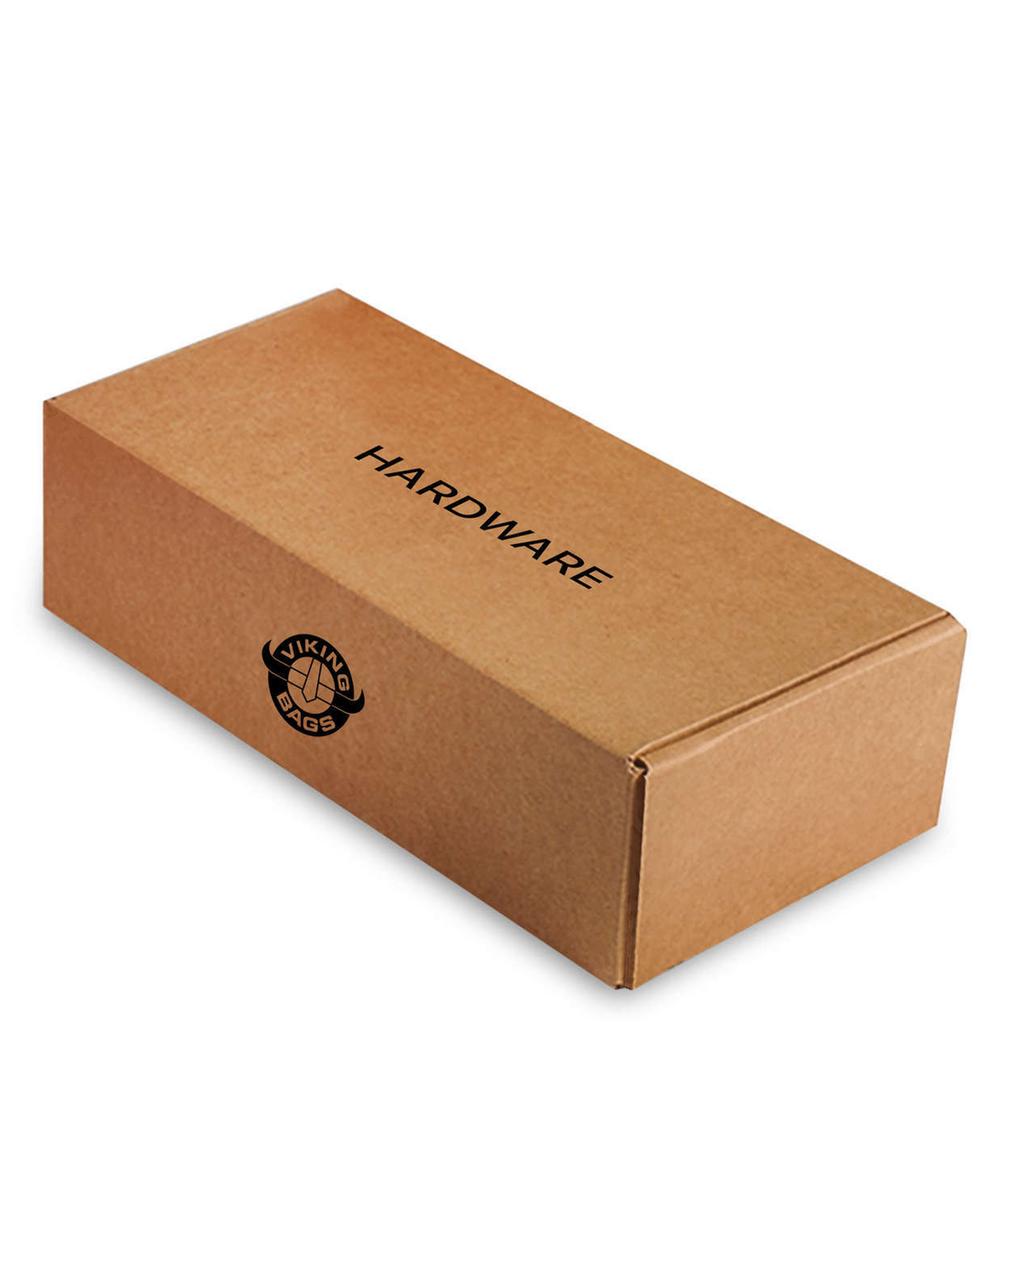 Honda VTX 1300 C Ultimate Extra Large Plain Motorcycle Saddlebags Hardware Box